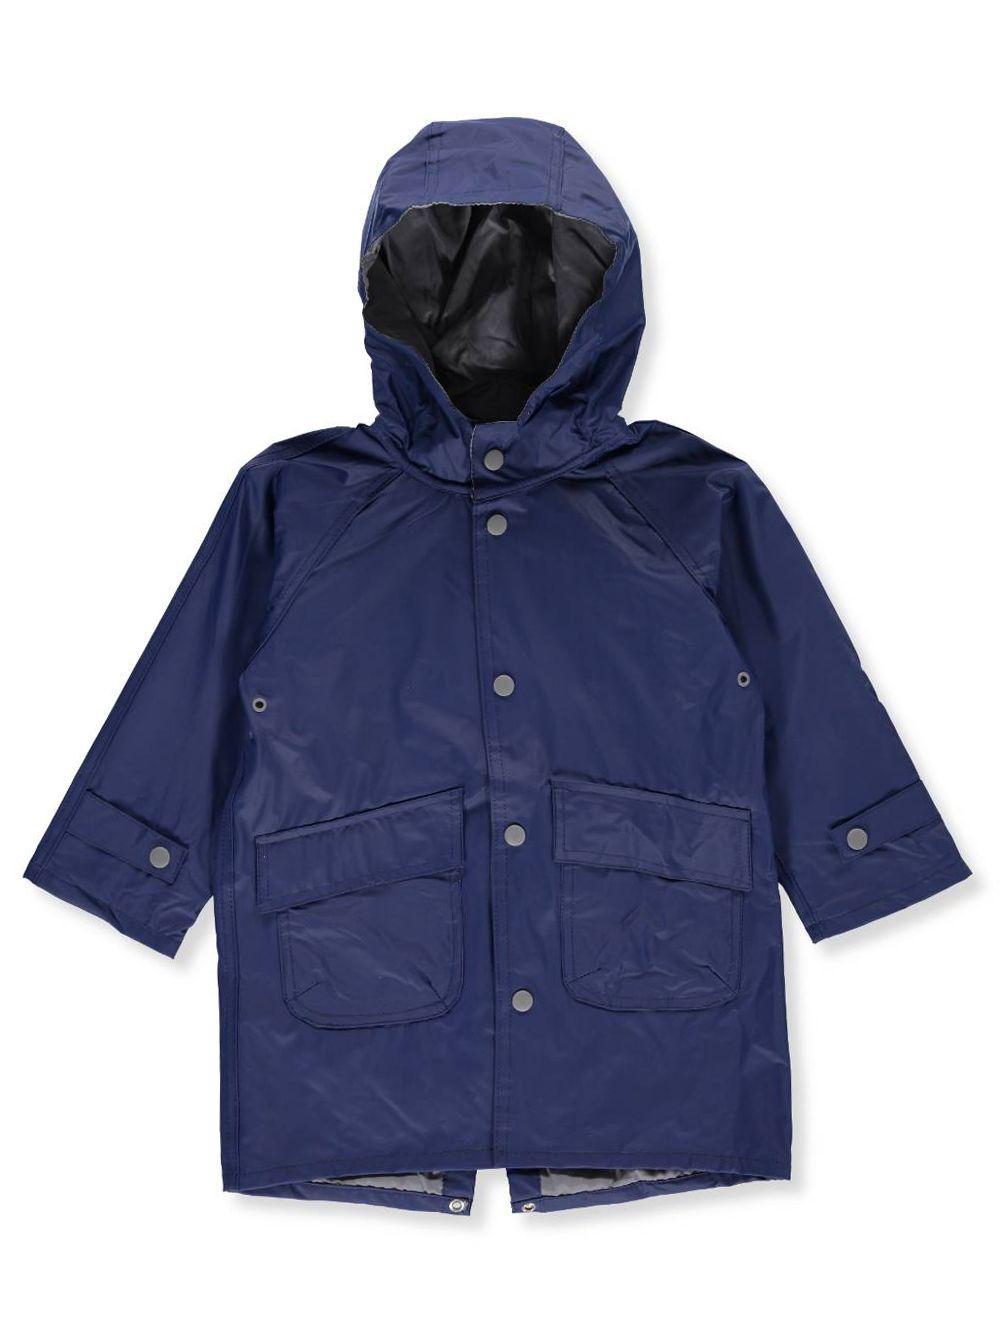 d68e2583b Wippette Boys' Raincoat | Sebastian | Raincoat, Toddler boy outfits ...